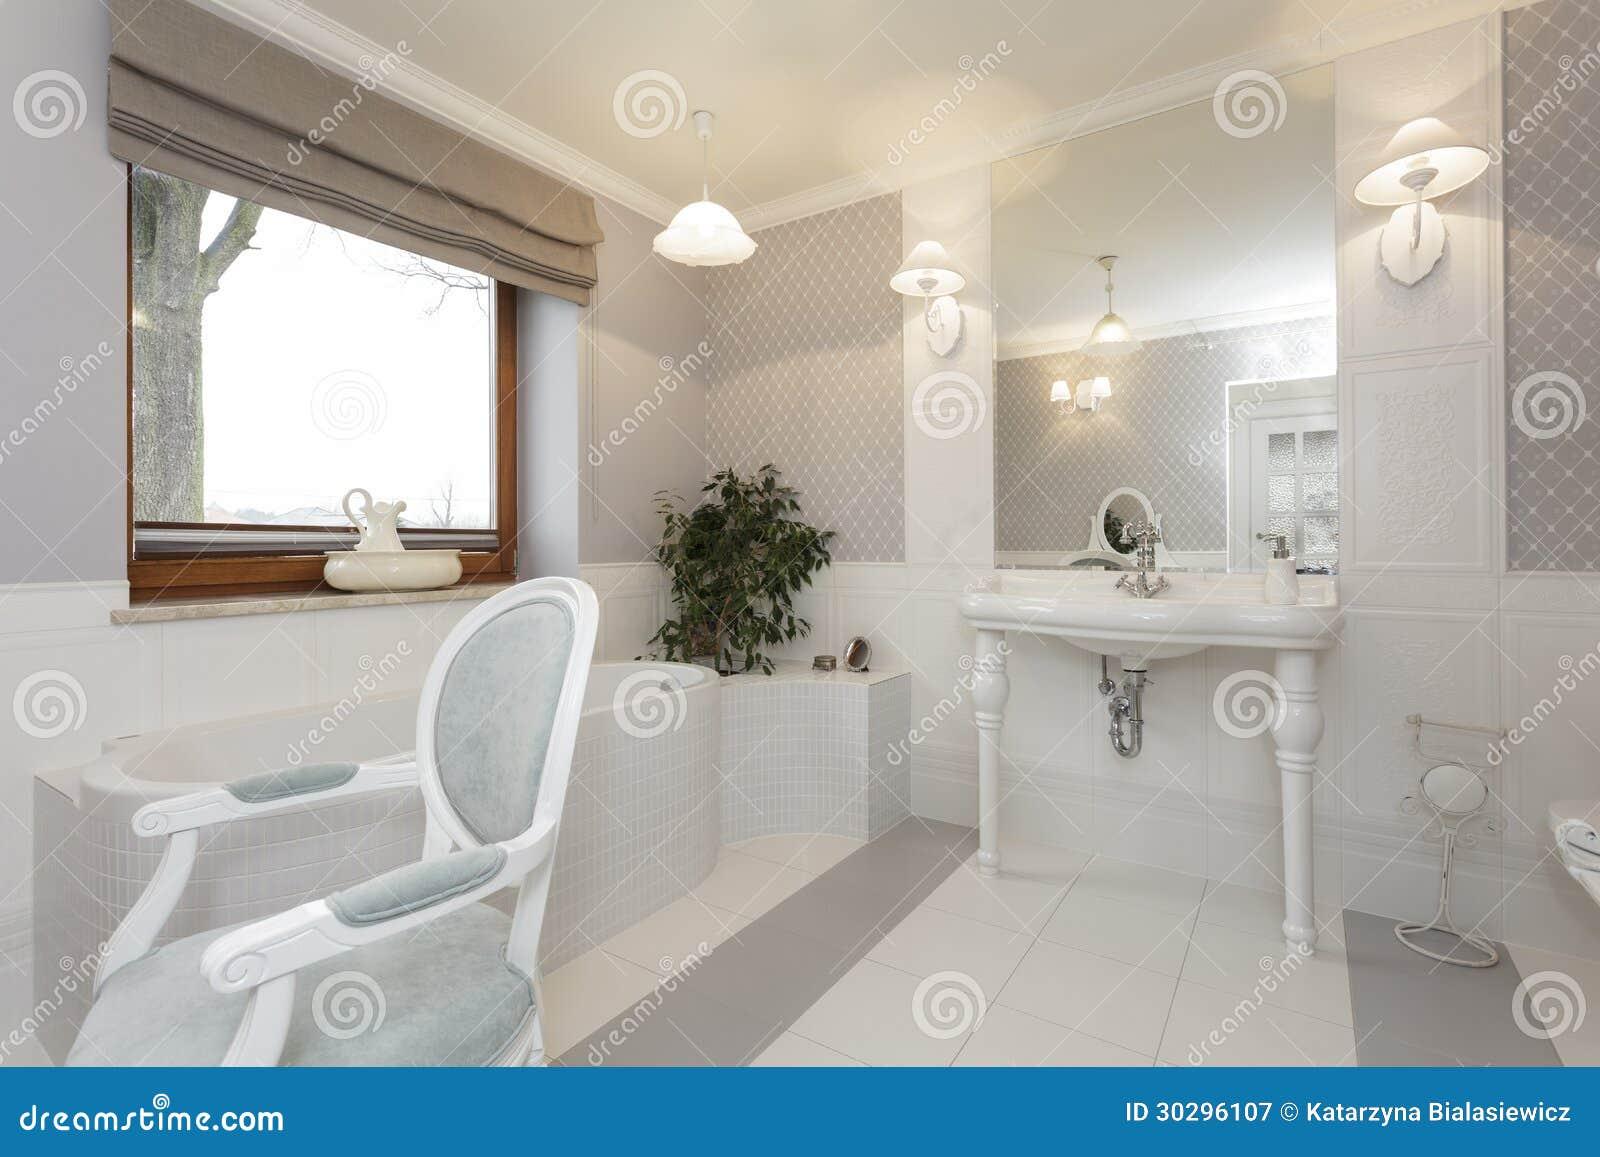 La toscane   salle de bains photographie stock libre de droits ...